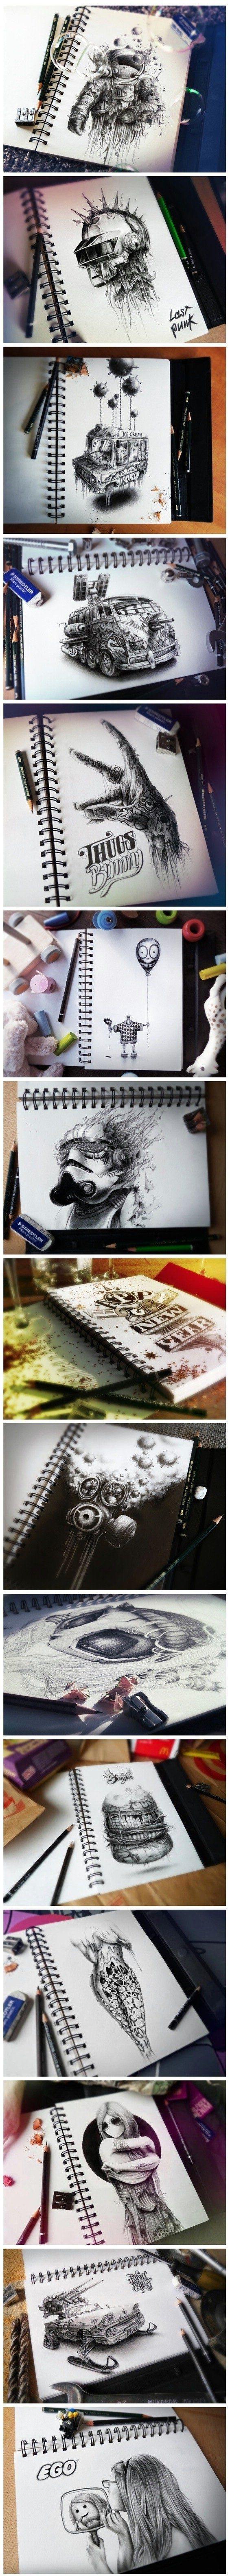 Geniale Bleistiftzeichnungen eines französischen Künstlers - Win Bild | Webfail - Fail Bilder und Fail Videos